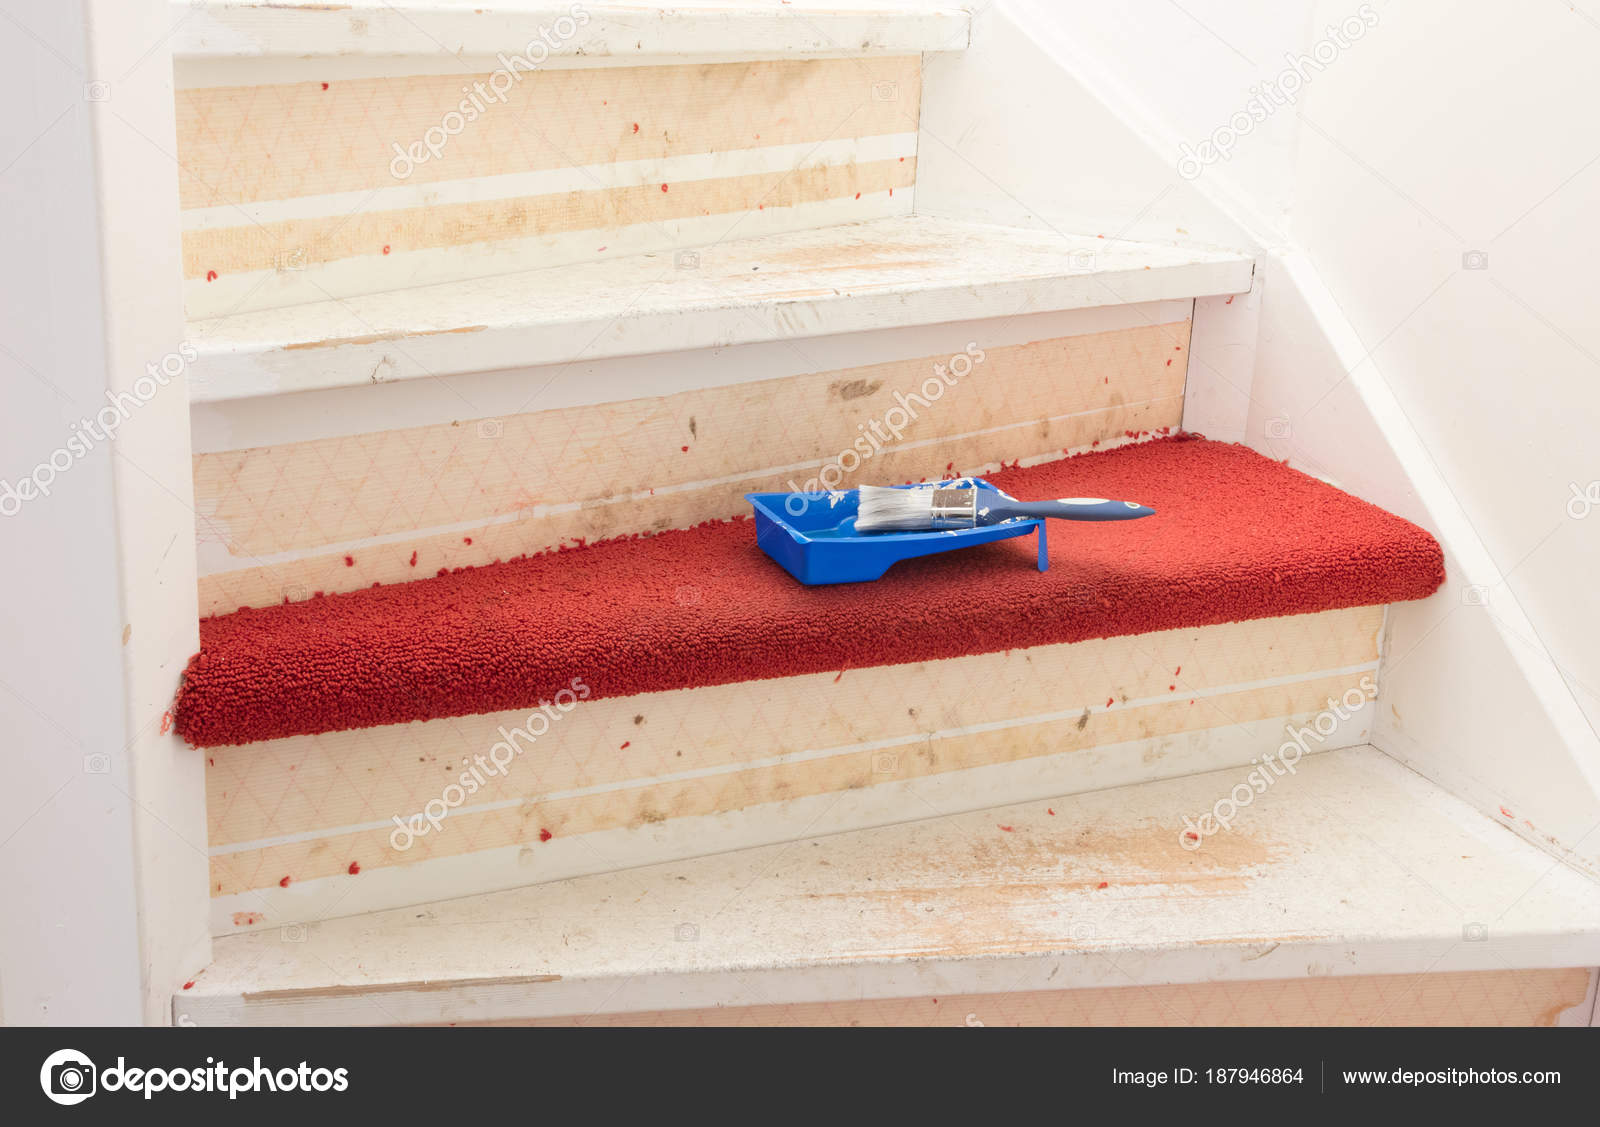 Trap Tapijt Verwijderen : Tapijt lijm en verf verwijderen uit een vintage trappen u2014 stockfoto